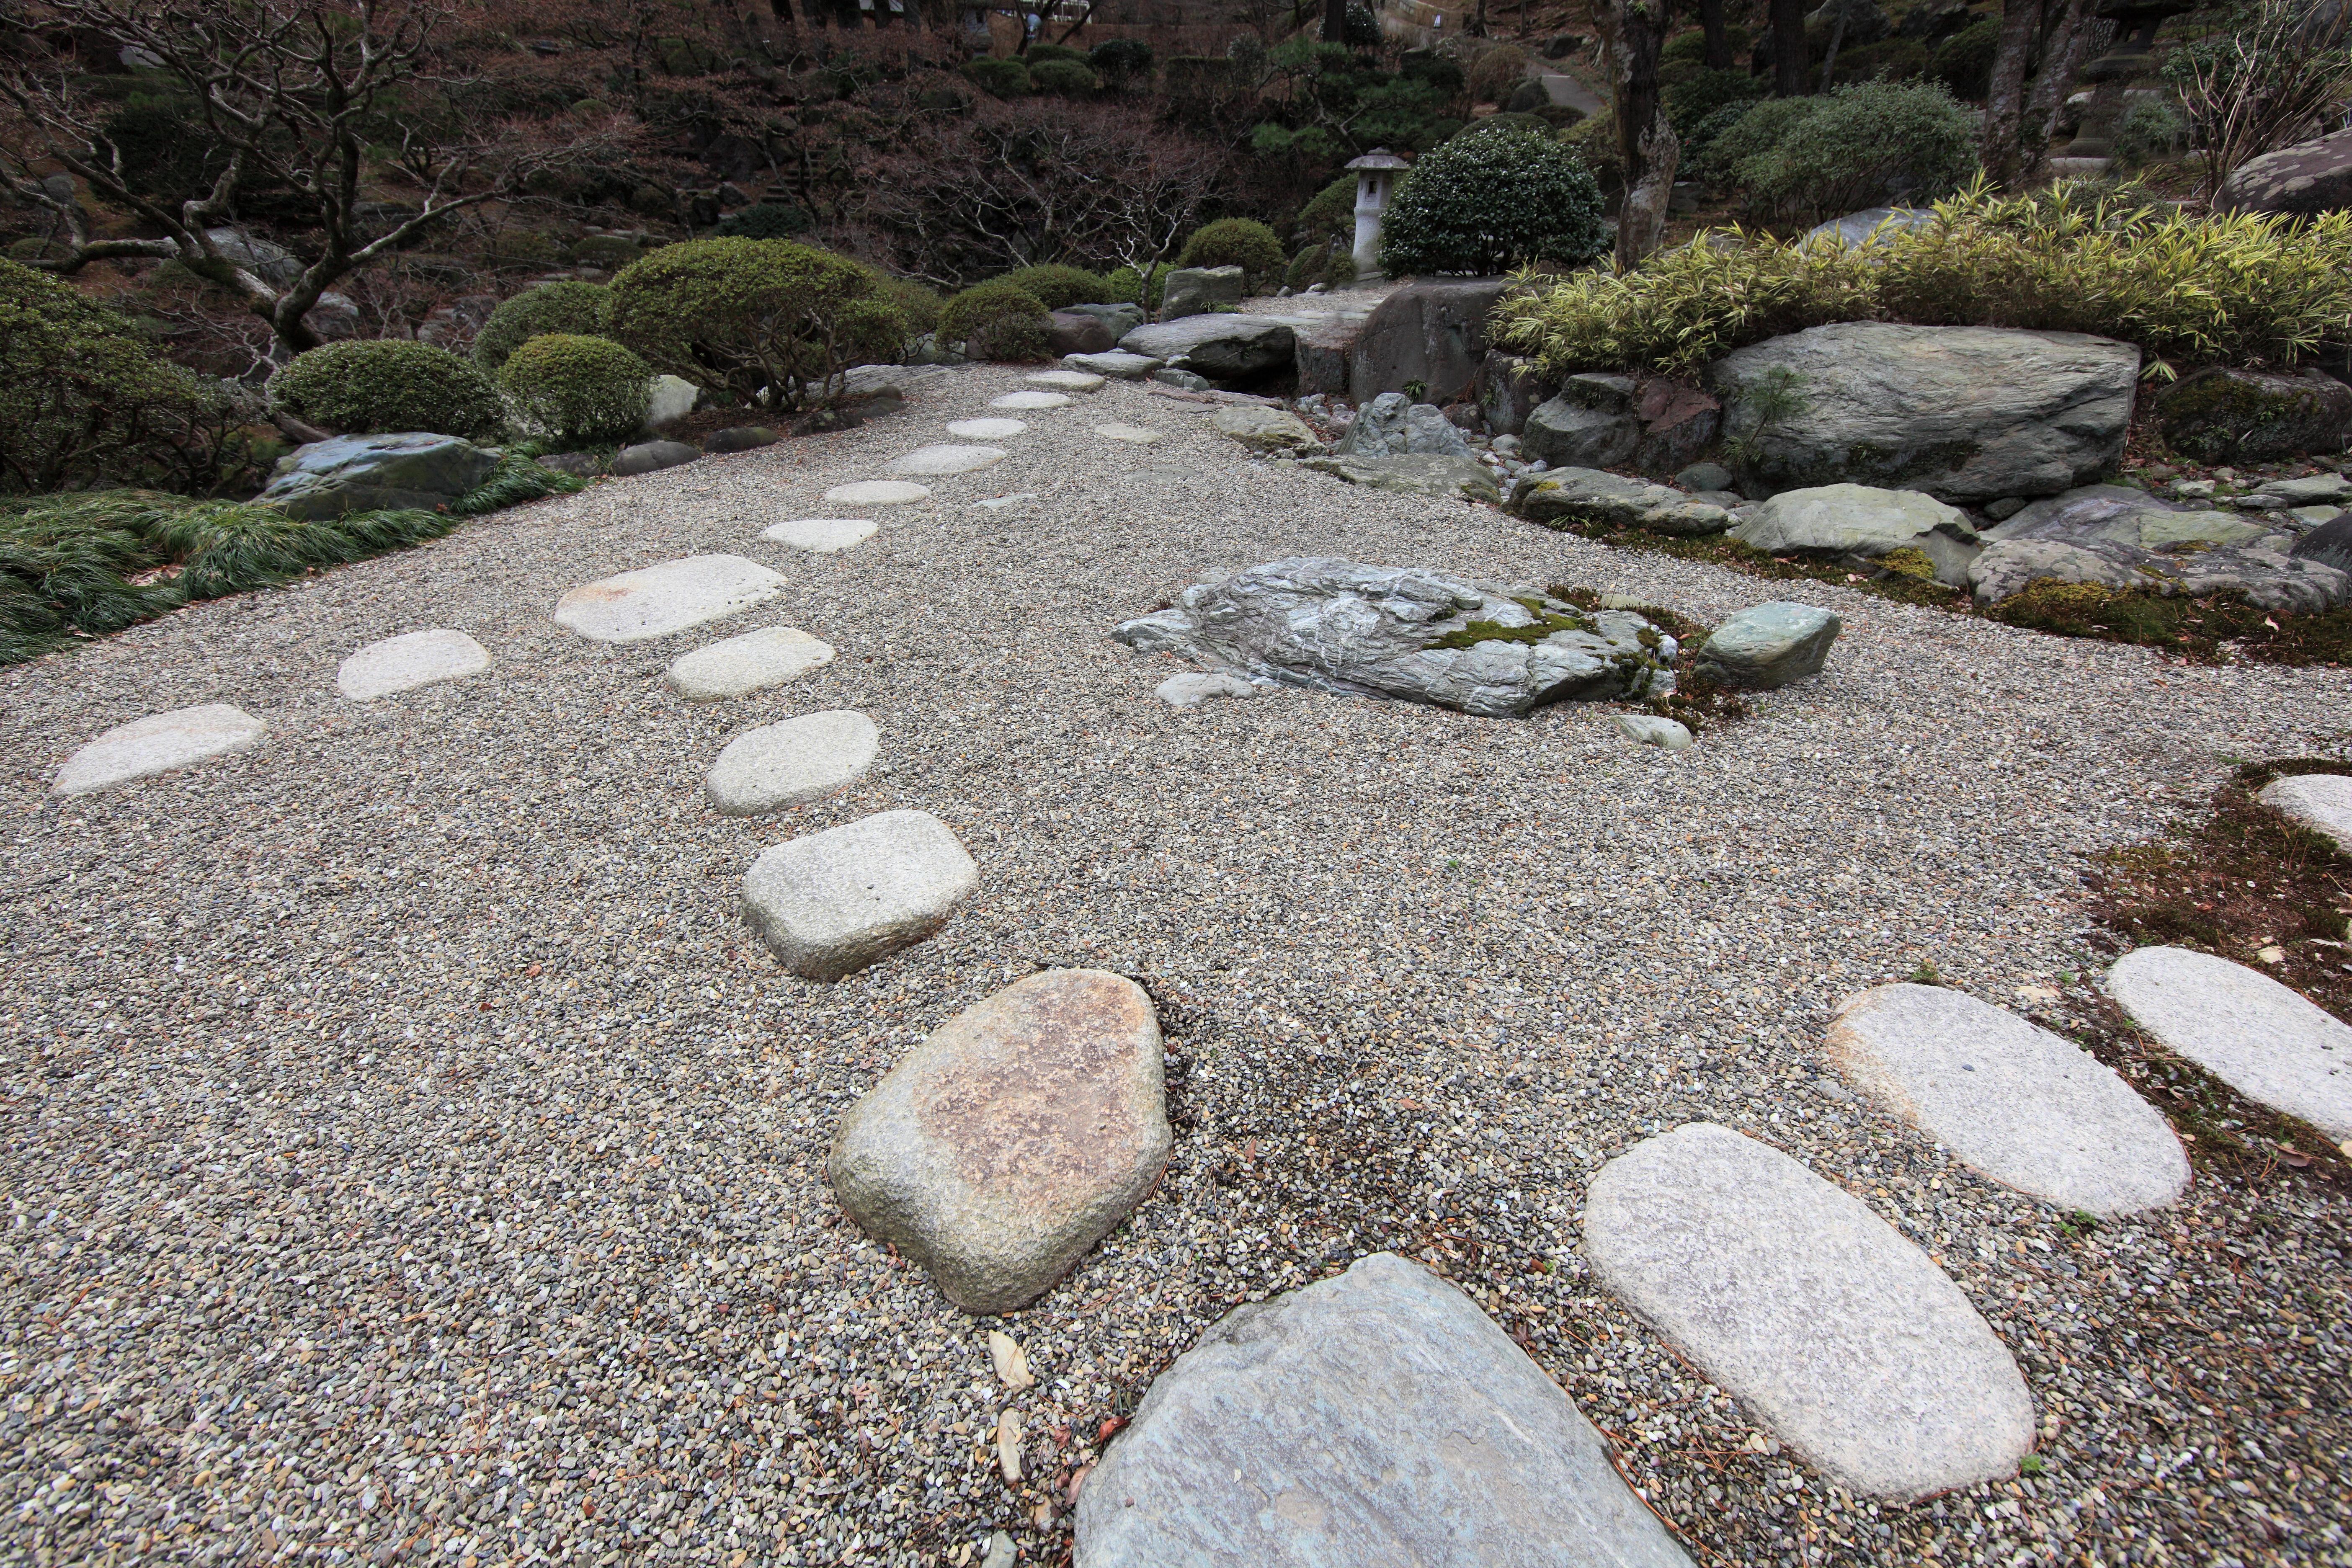 Cour Gravier avec images gratuites : roche, pelouse, pavé, asphalte, passerelle, étang